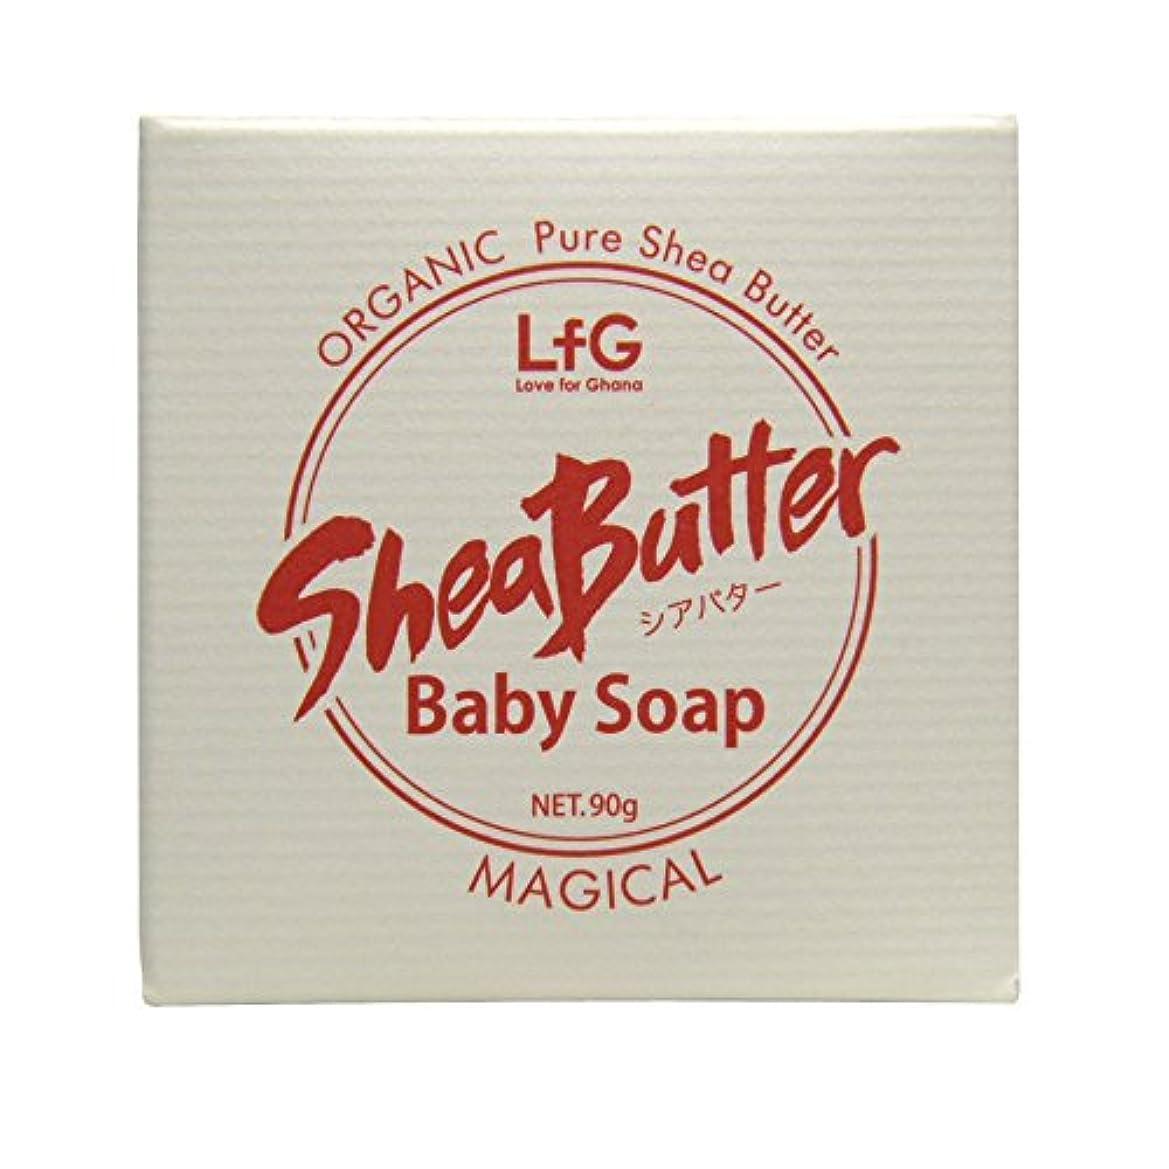 拒否会う請求可能マジカル シアバターベビーソープ 保湿石鹸 90g